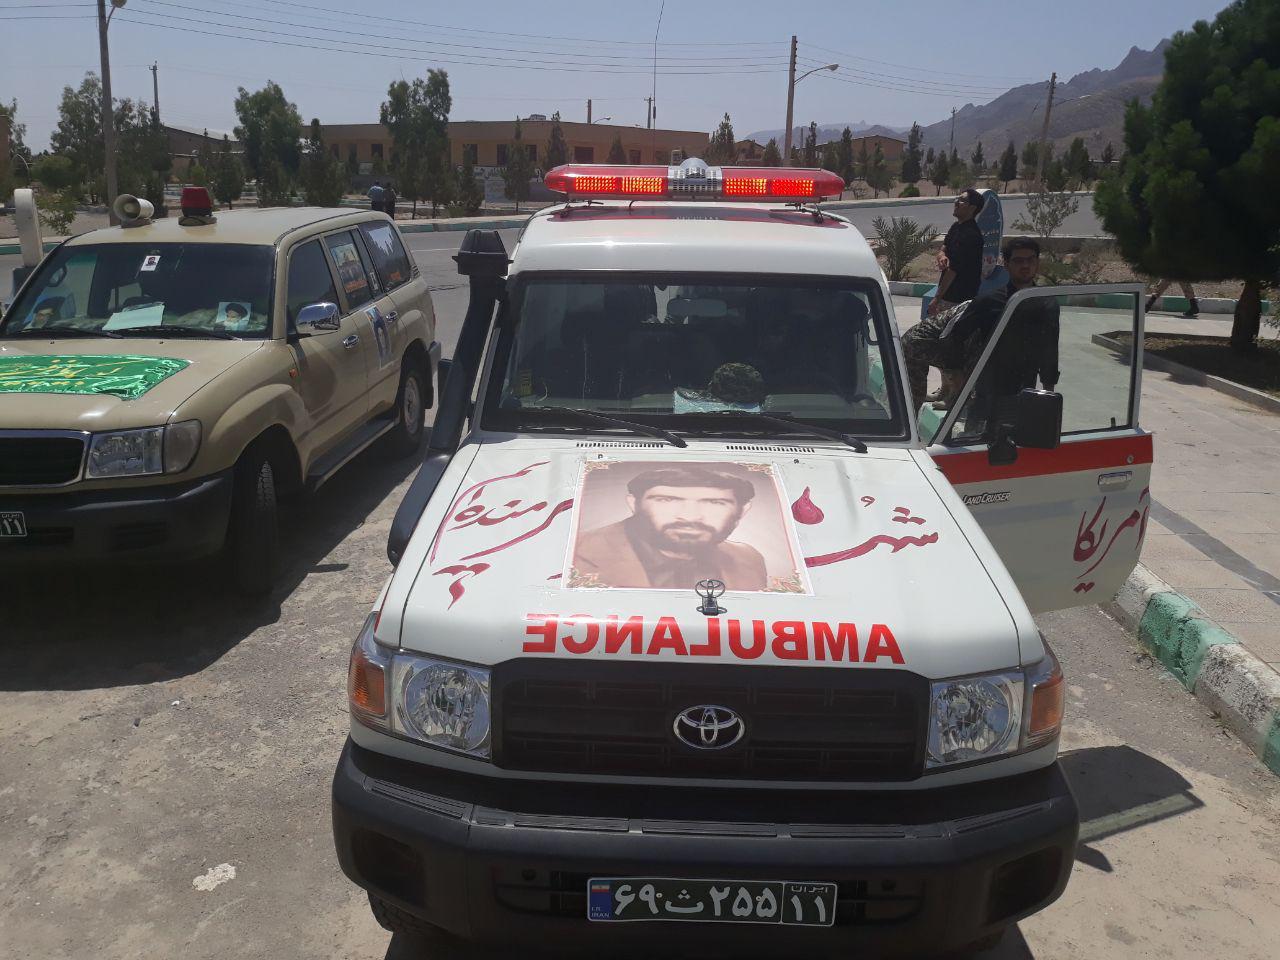 تشییع یک شهید در نجف آباد+ تصاویر و فیلم تشییع یک شهید در نجف آباد+ تصاویر و فیلم تشییع یک شهید در نجف آباد+ تصاویر و فیلم